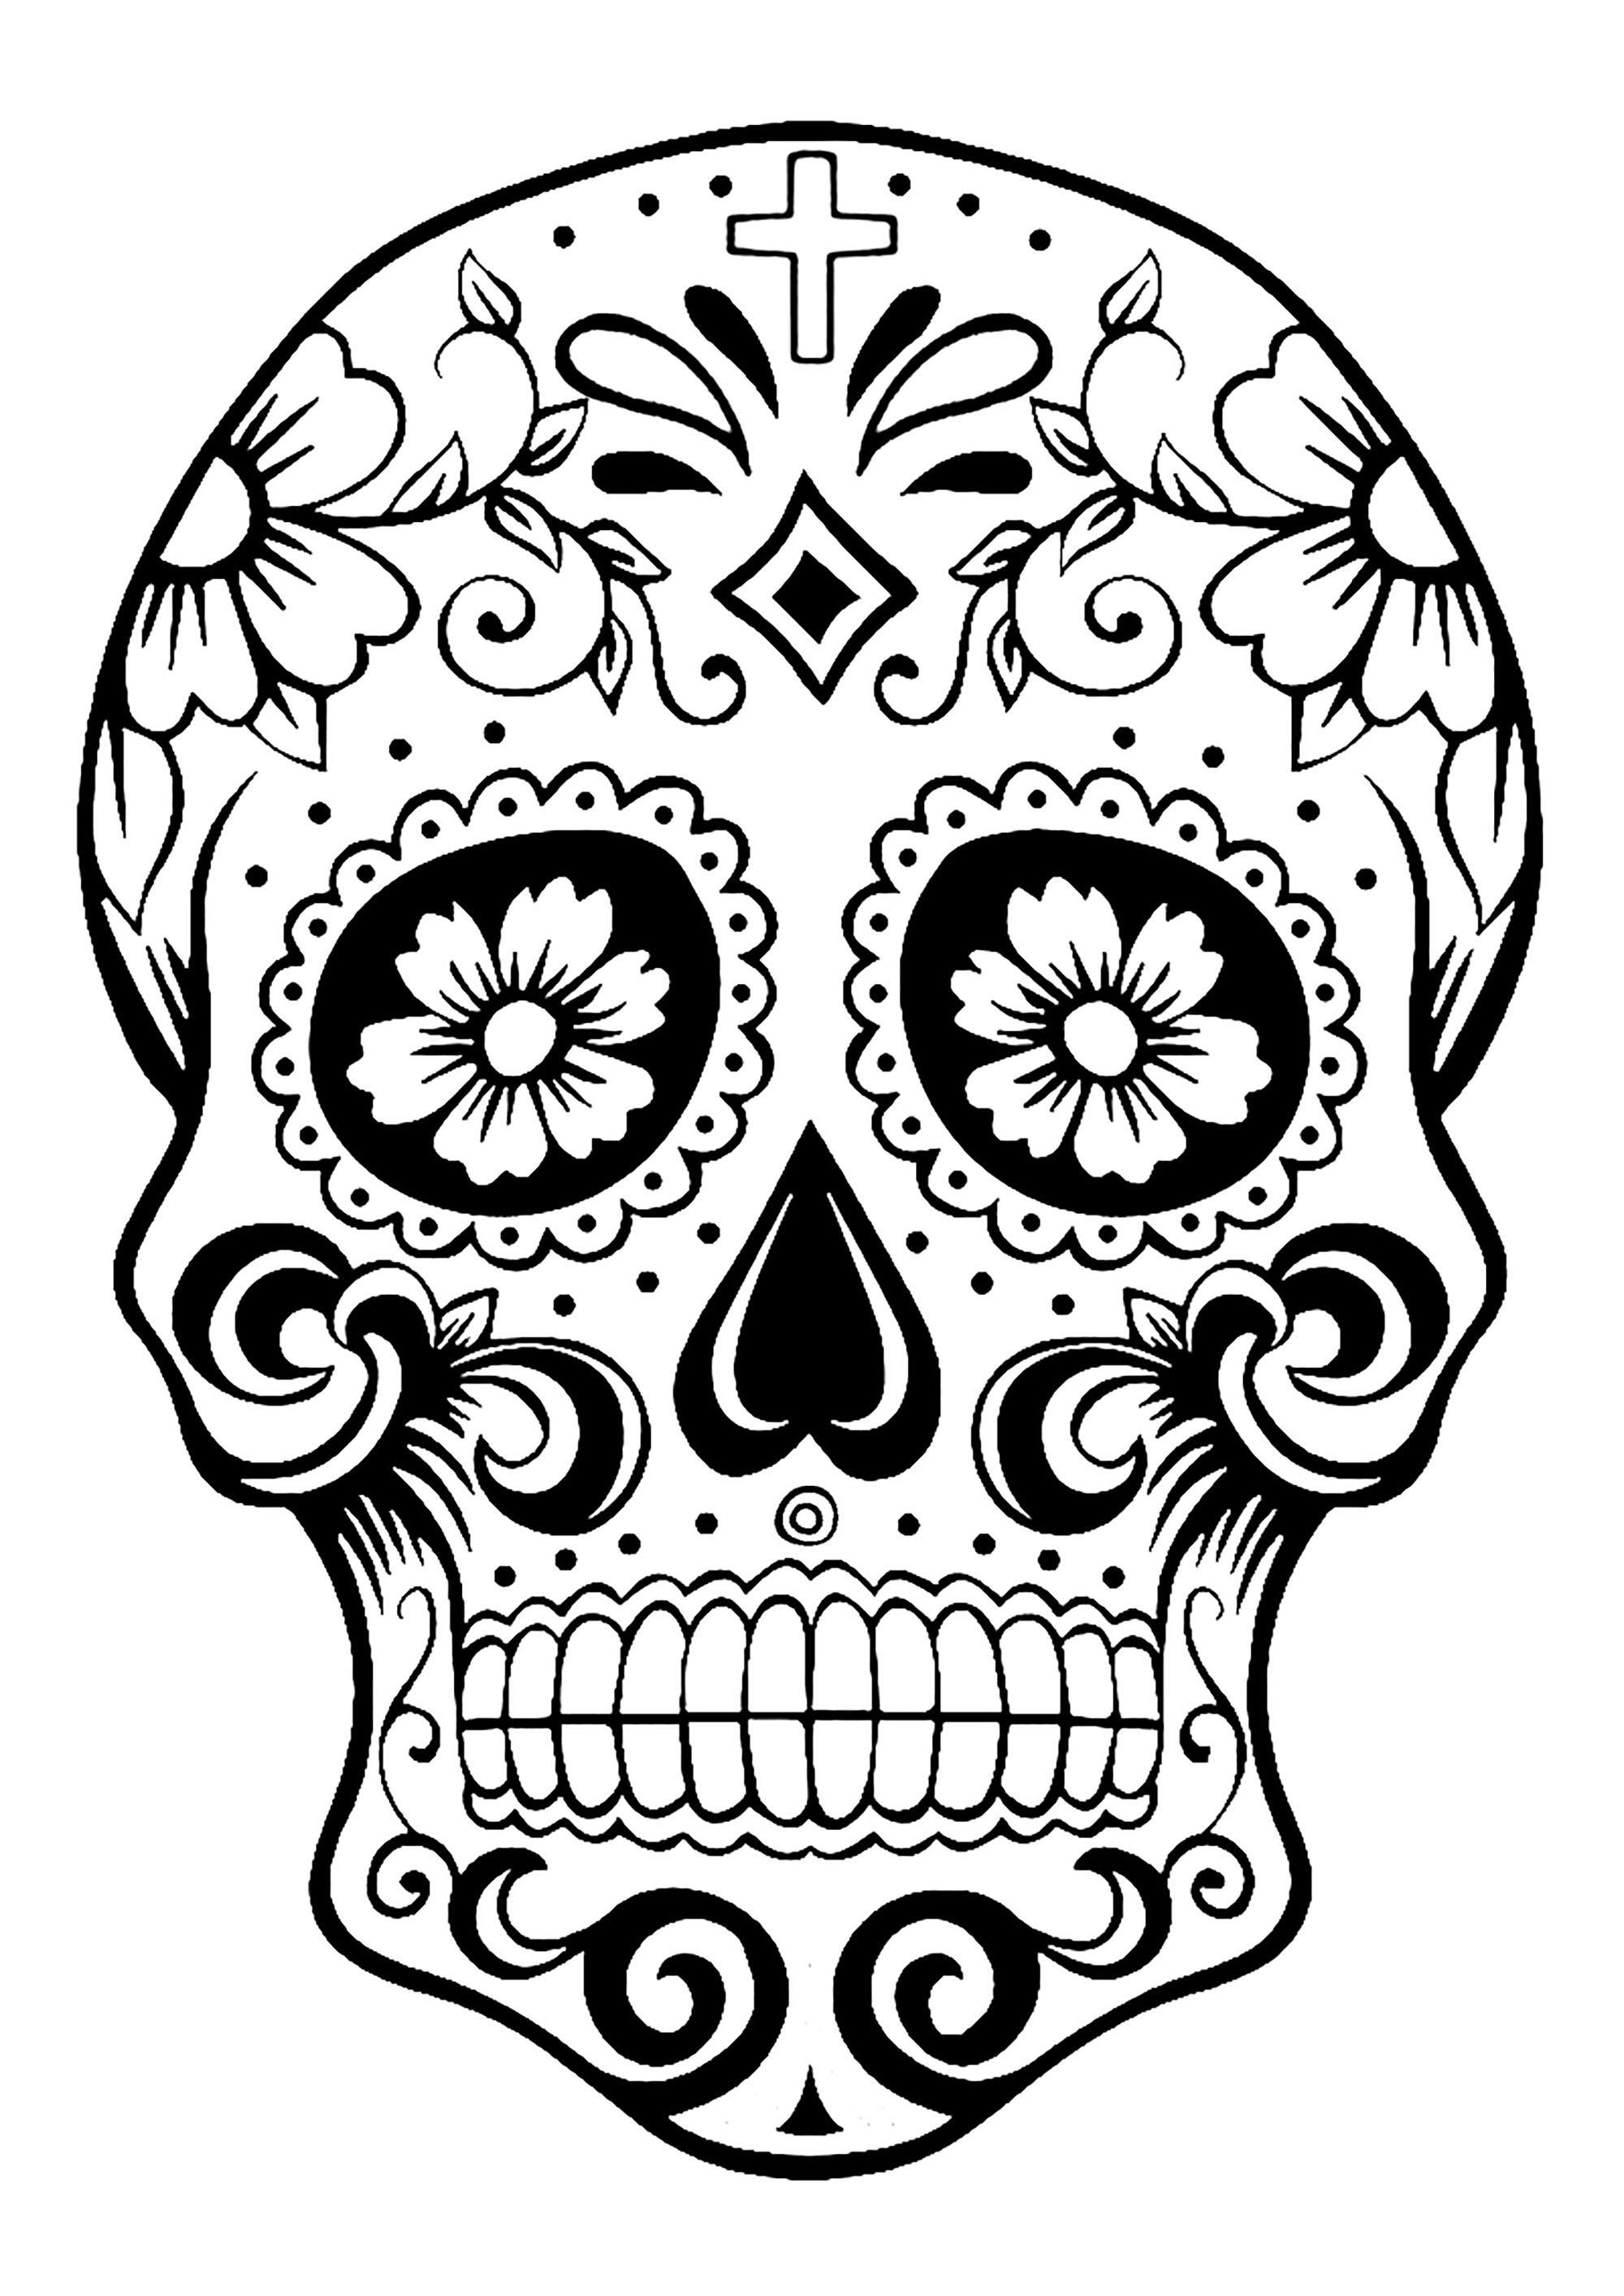 dia de los muertos coloring skull coloring pages for adults muertos de dia los coloring